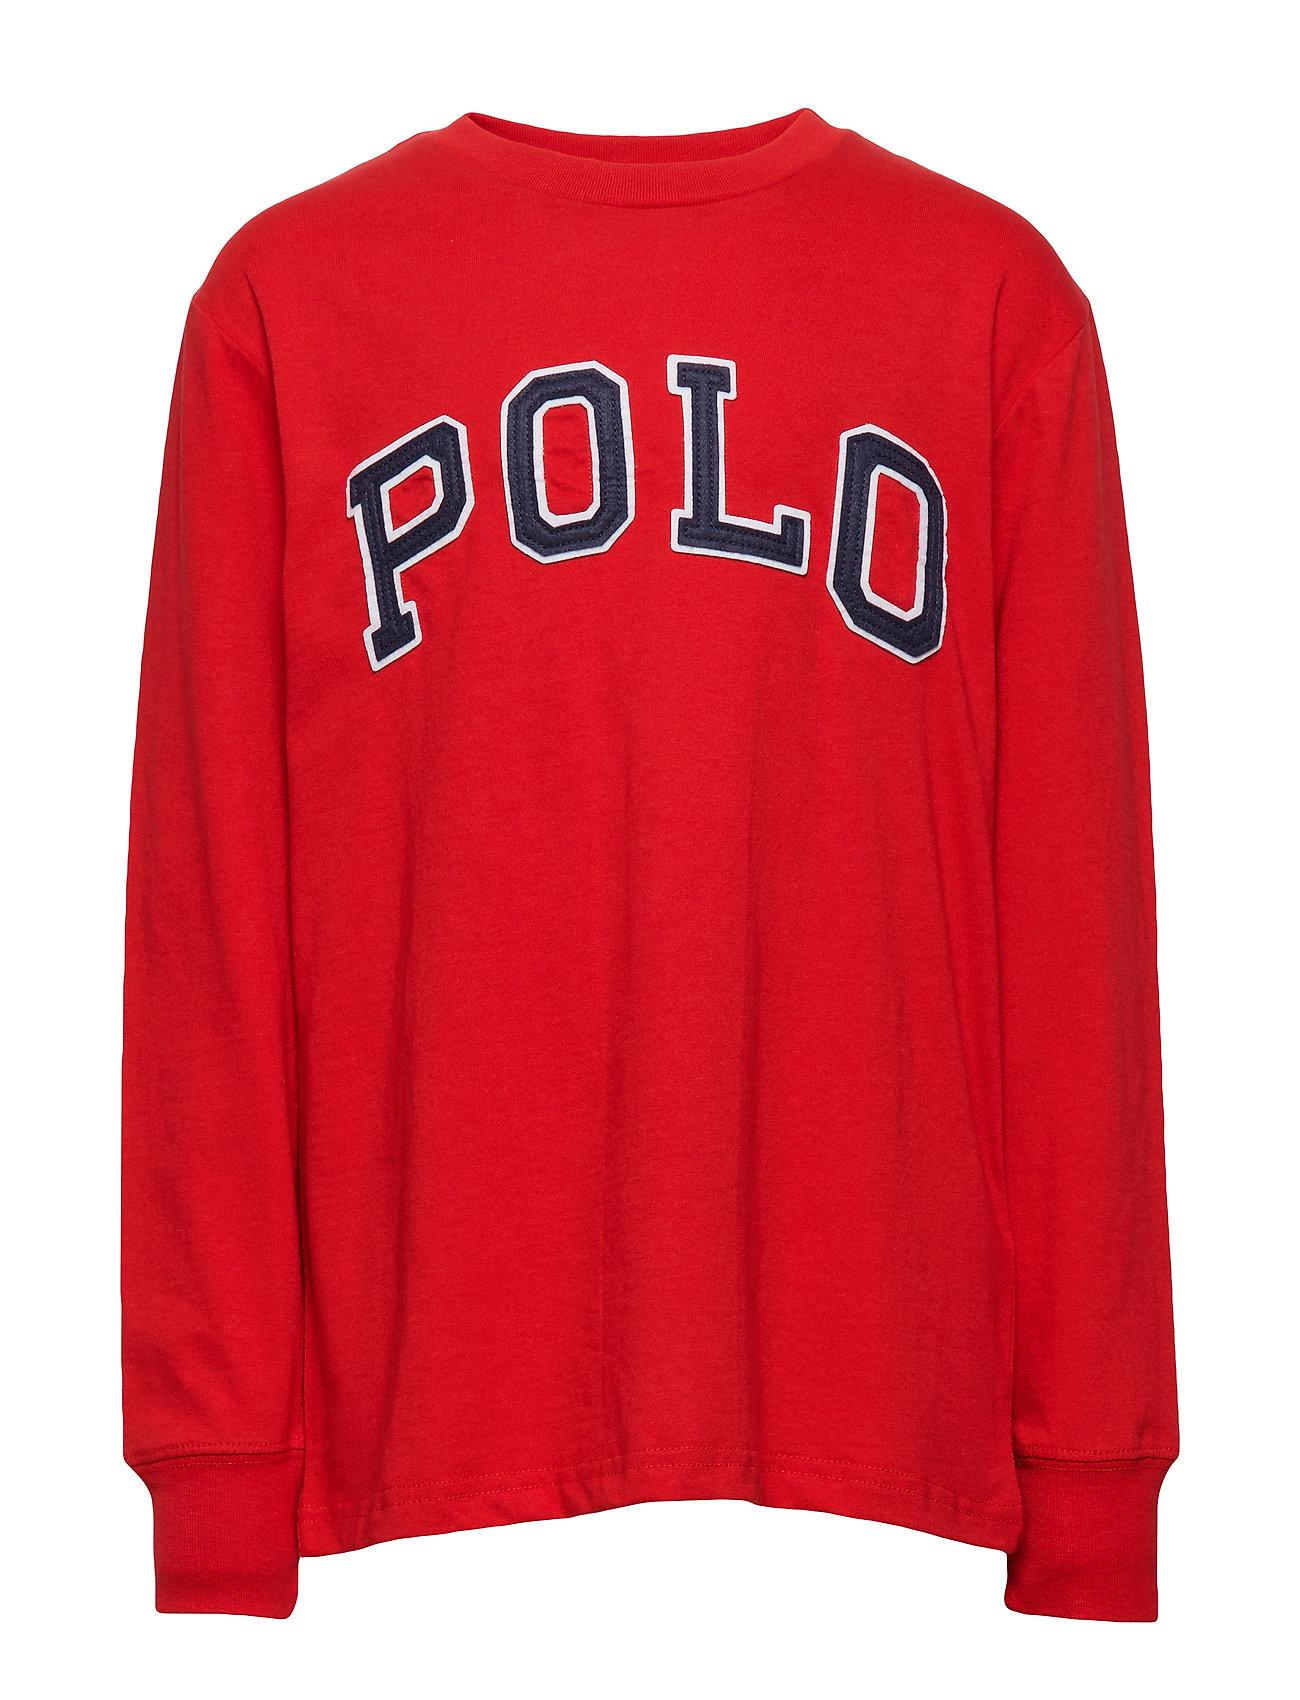 Ralph Lauren Kids Polo Cotton Jersey Tee - RL 2000 RED